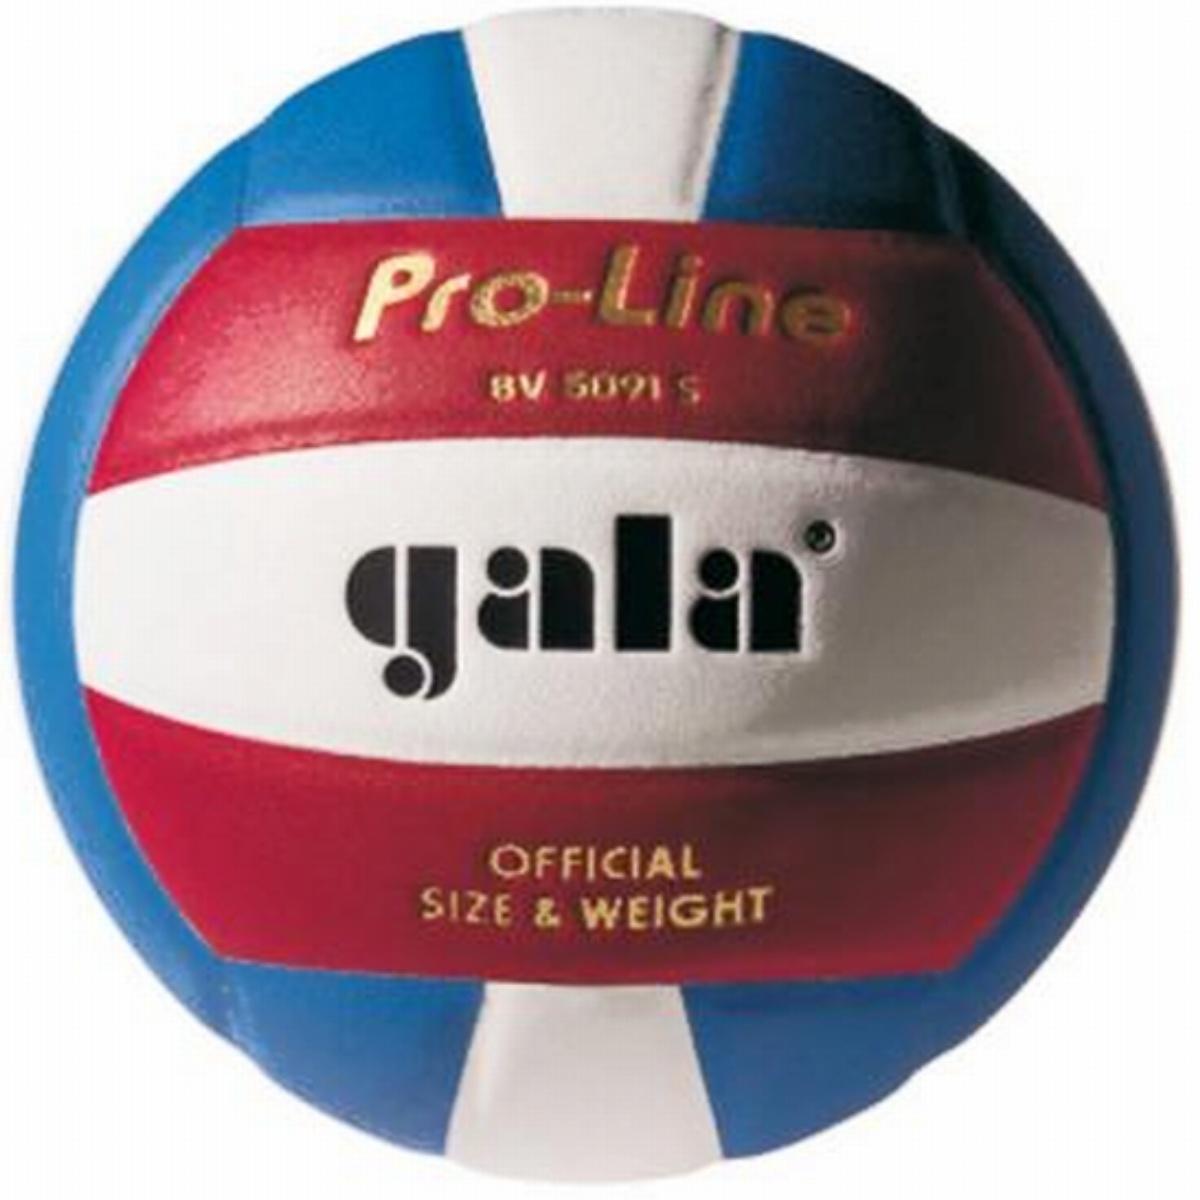 Volejbalový míč GALA Official Pro-Line BV5091S